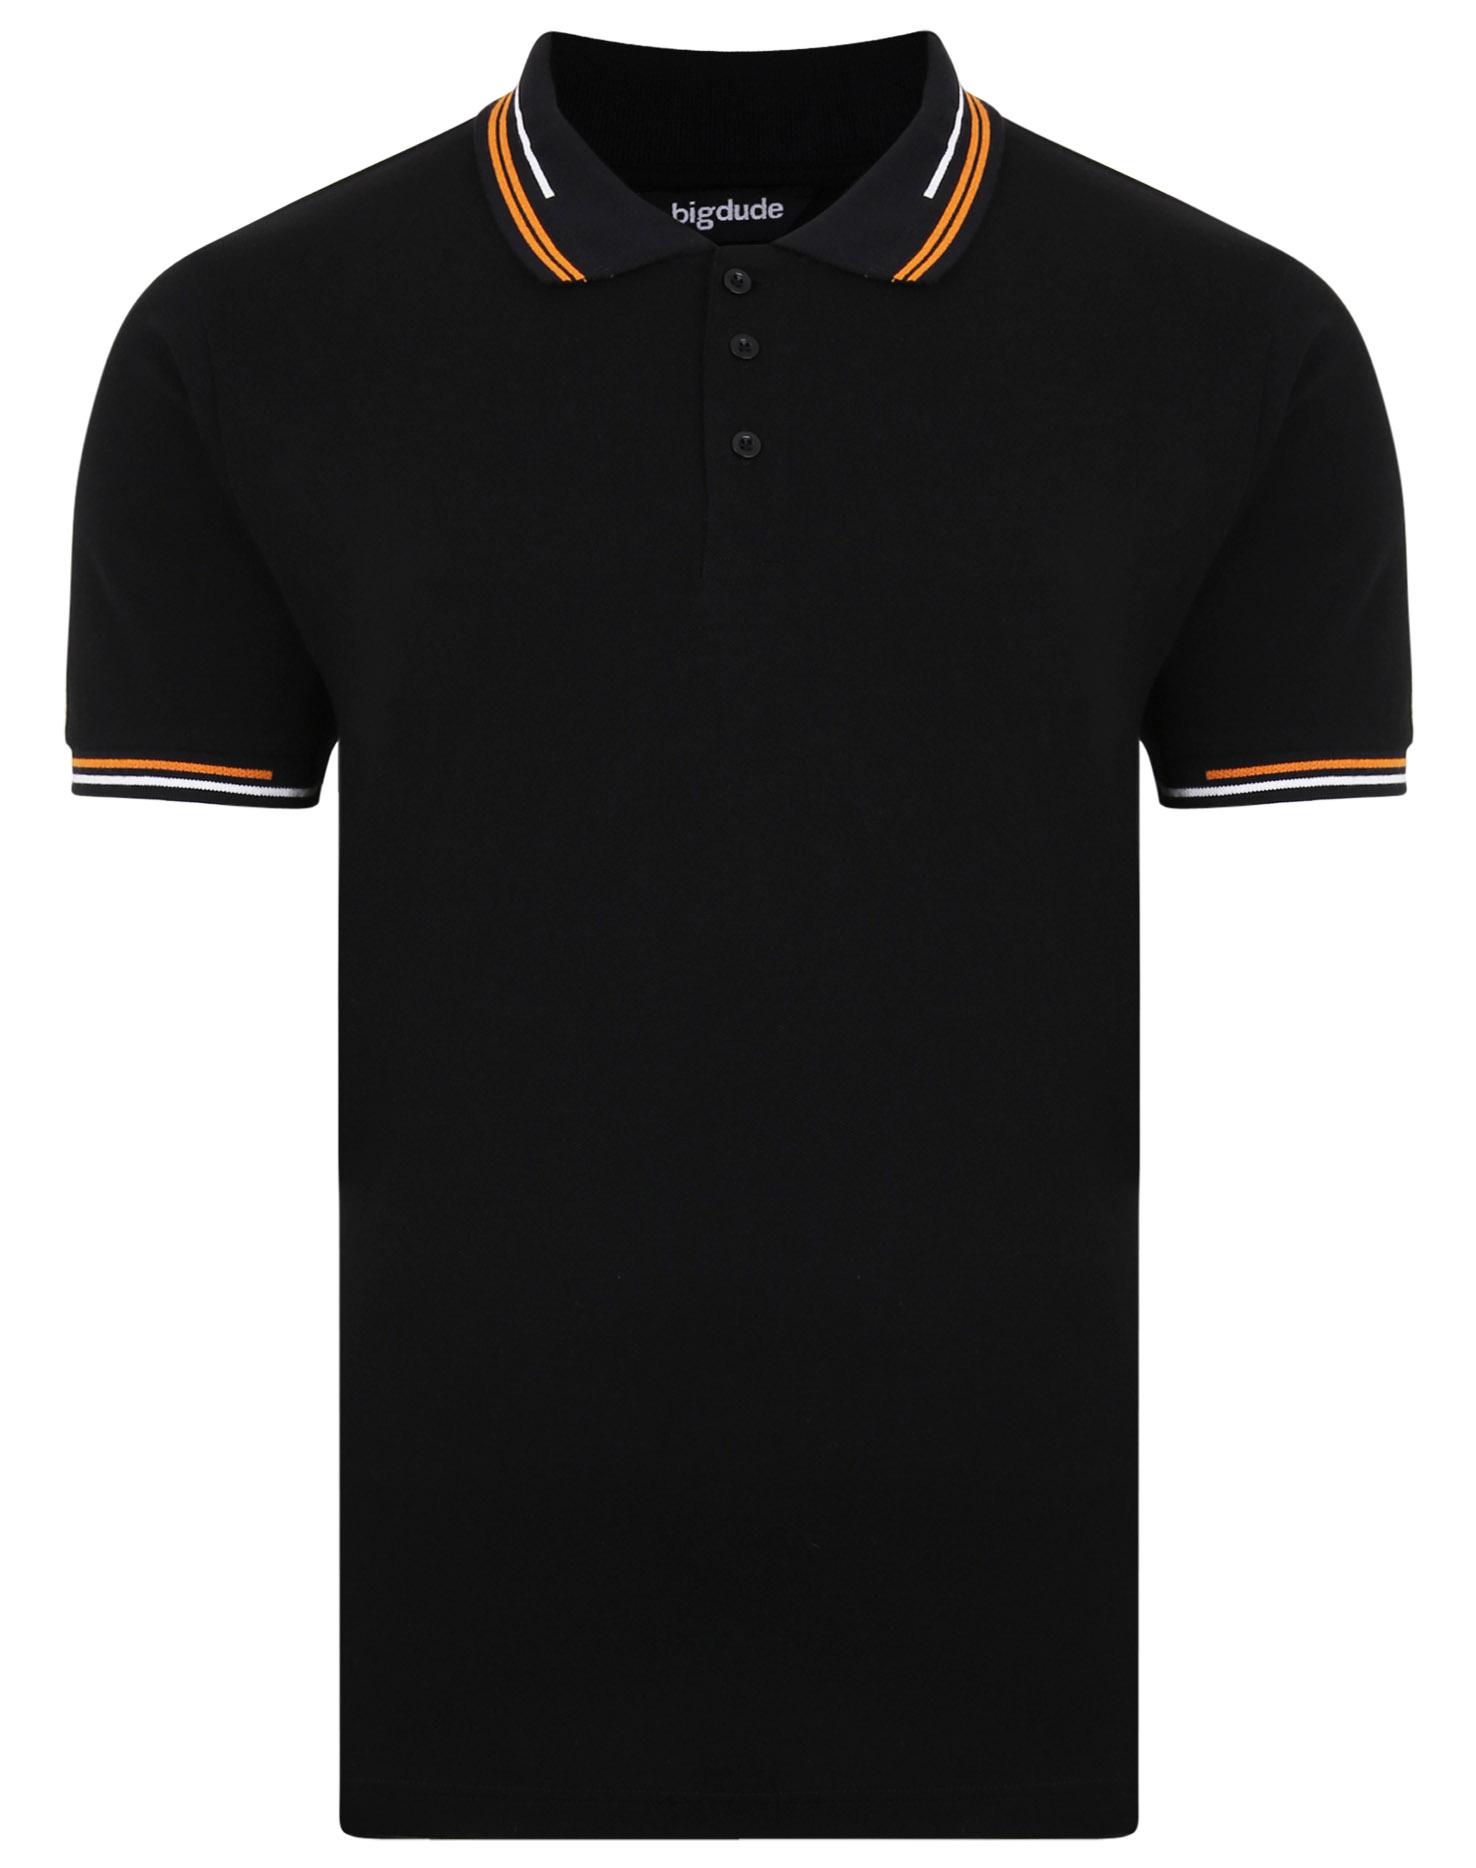 Large & Big Mens Polo Shirts - 3XL, 4XL, 5XL, 6XL, 7XL & 8XL | Bigdude